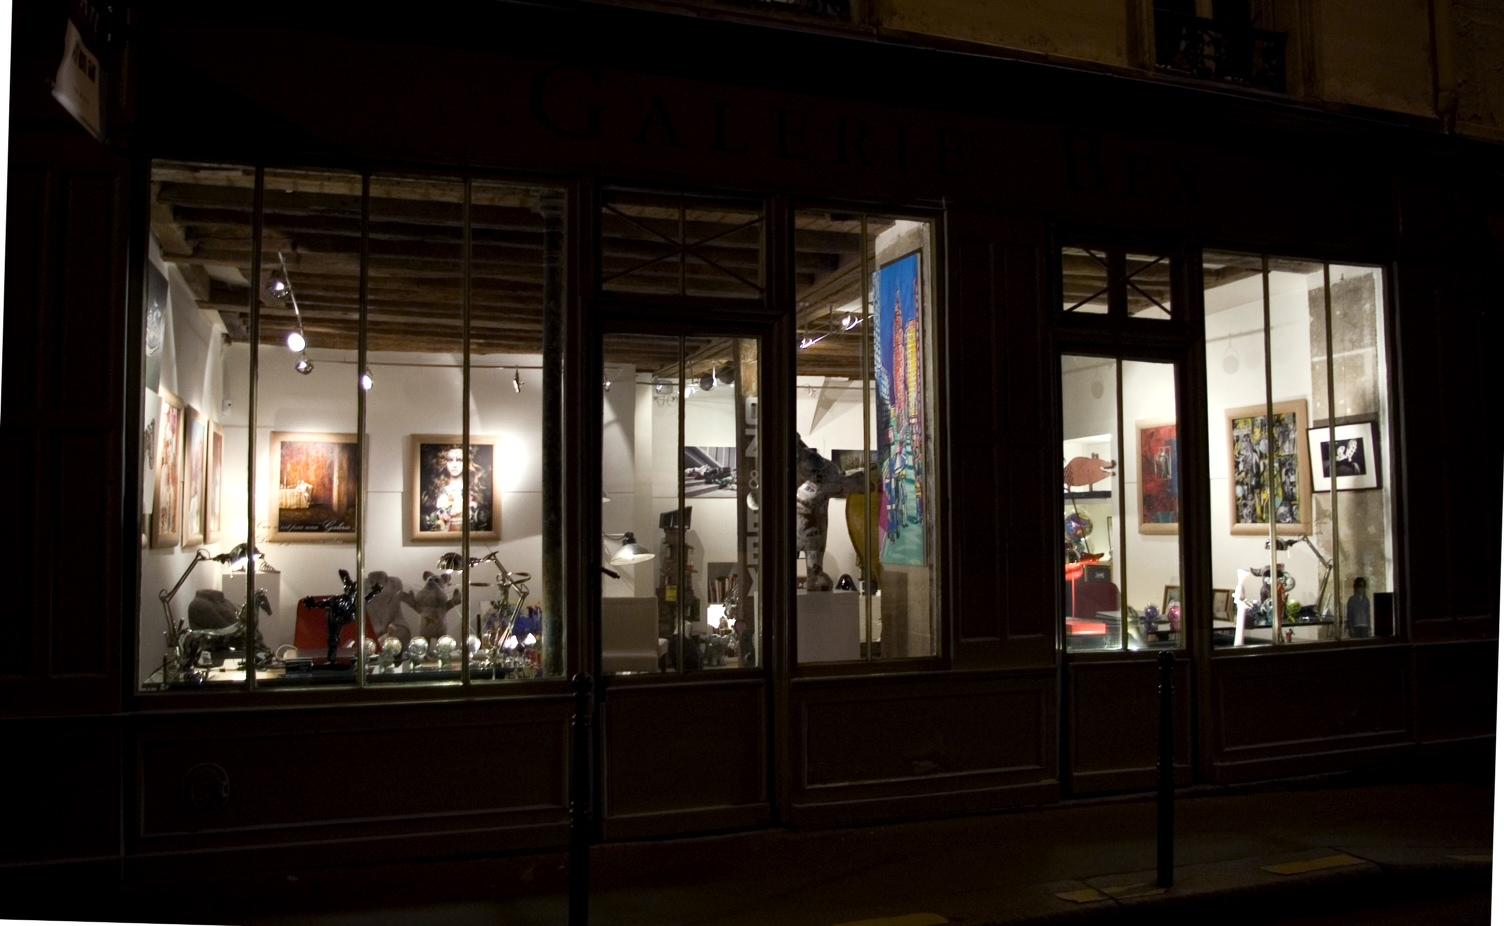 Cabinet de curiosités - 12 rue Jean Ferrandi 75006 Paris